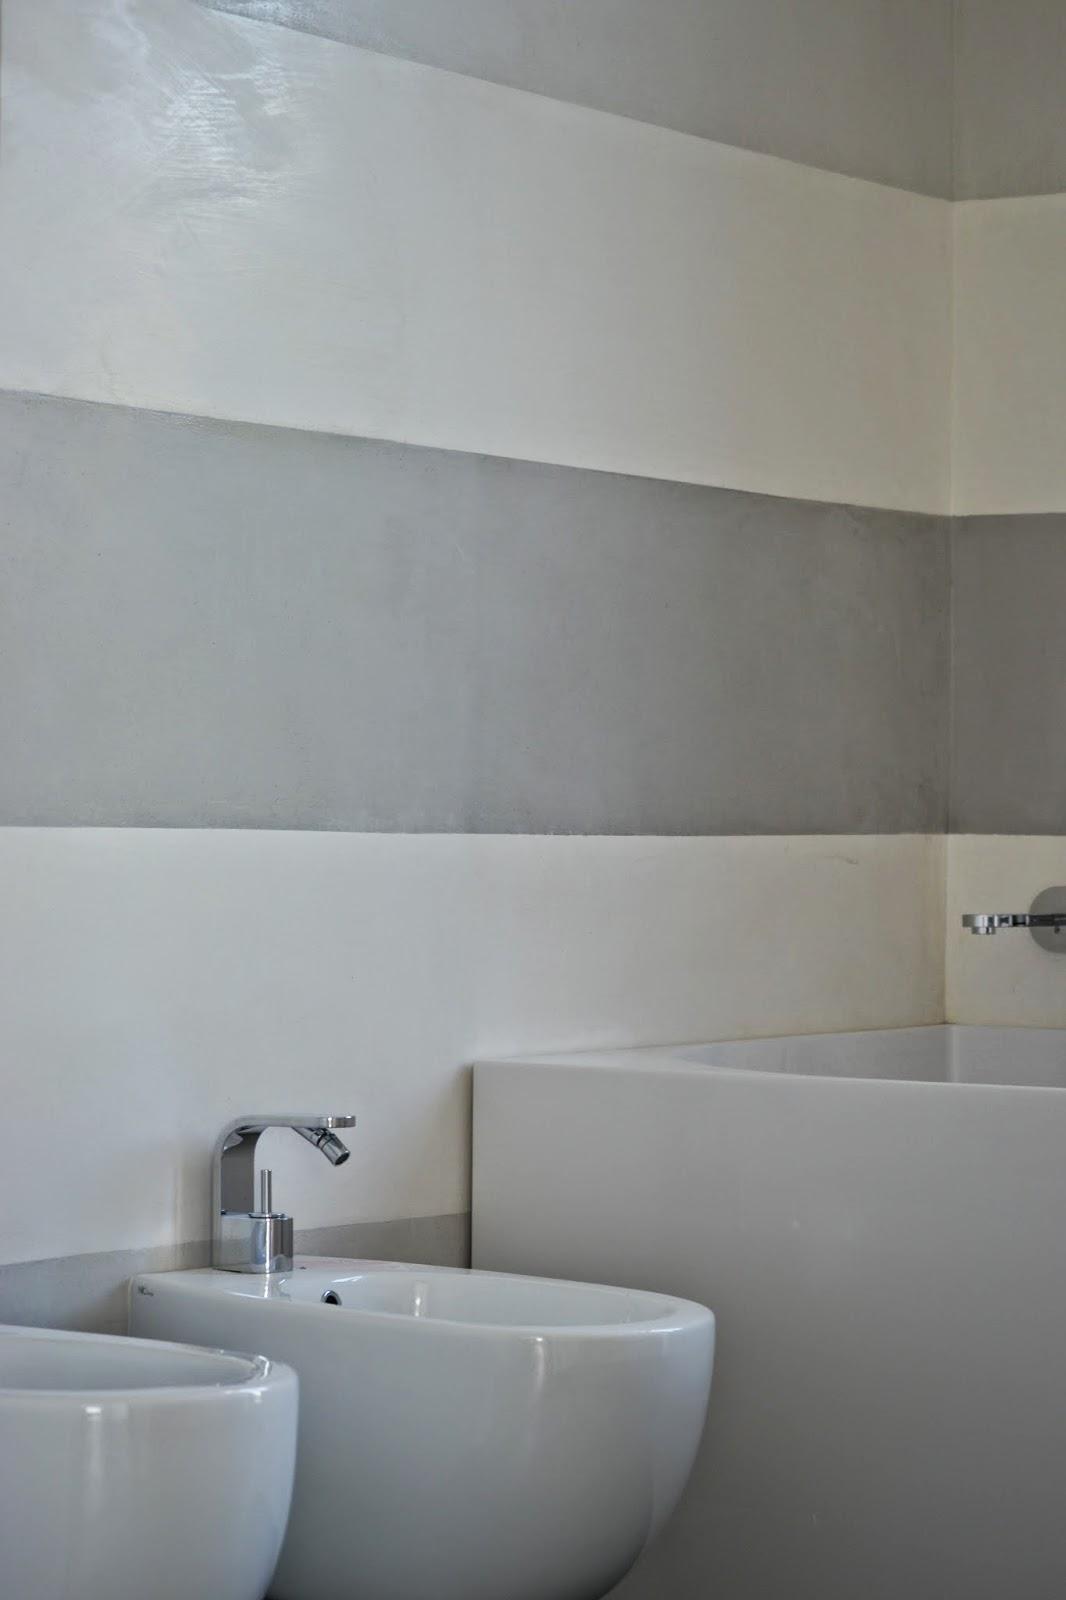 chiartec: Rivestimento bagno in marmorino a fasce orizzontali